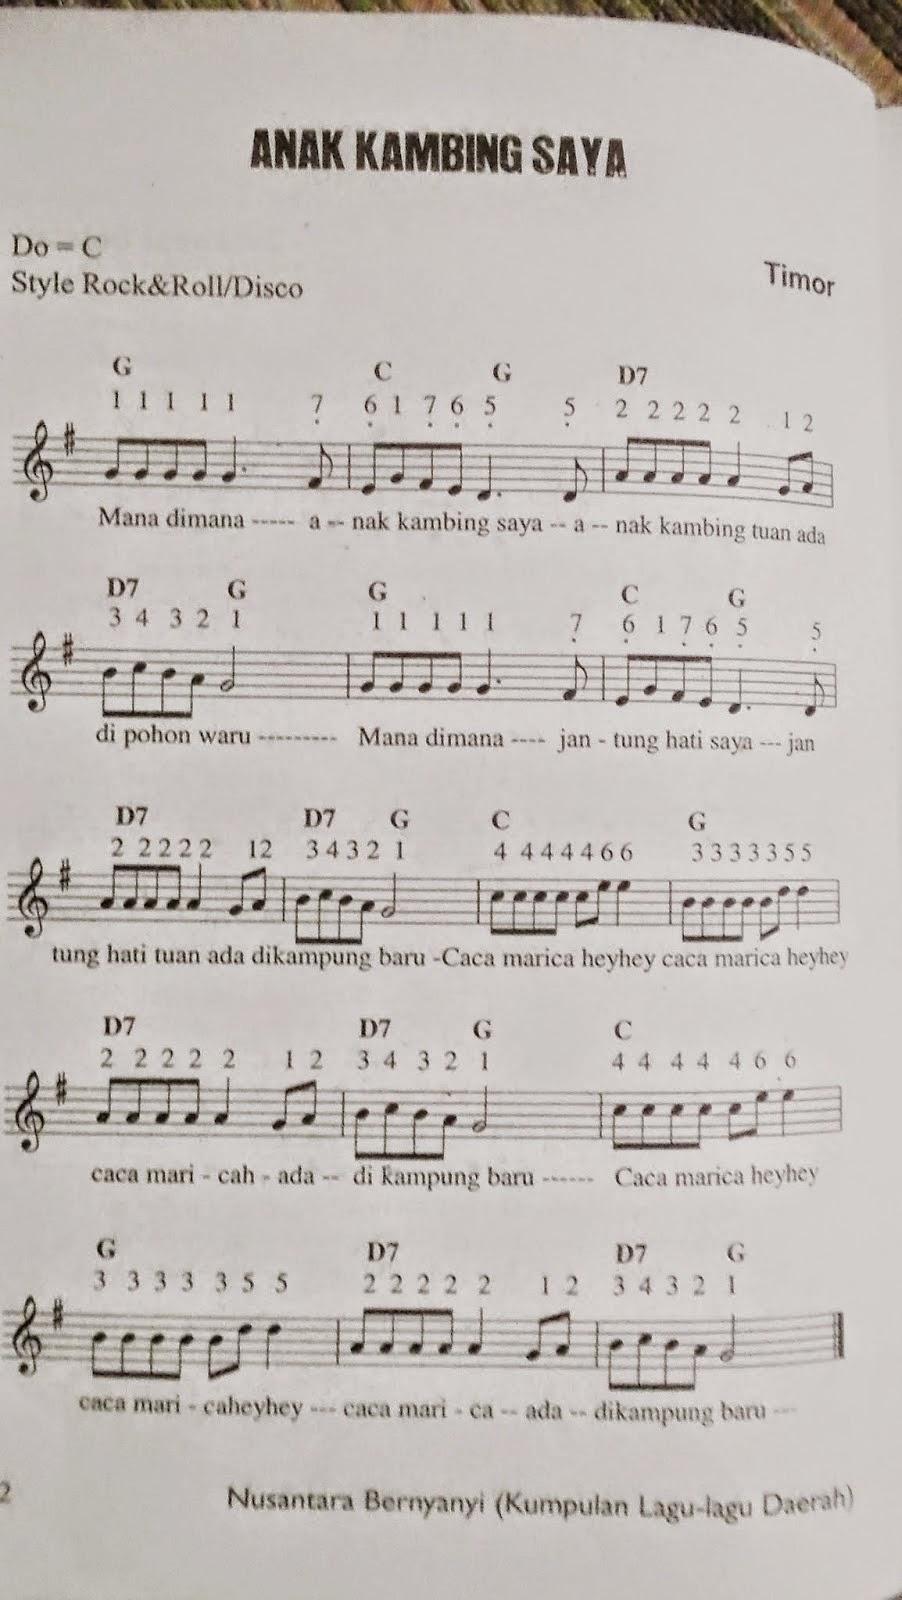 lirik lagu daerah